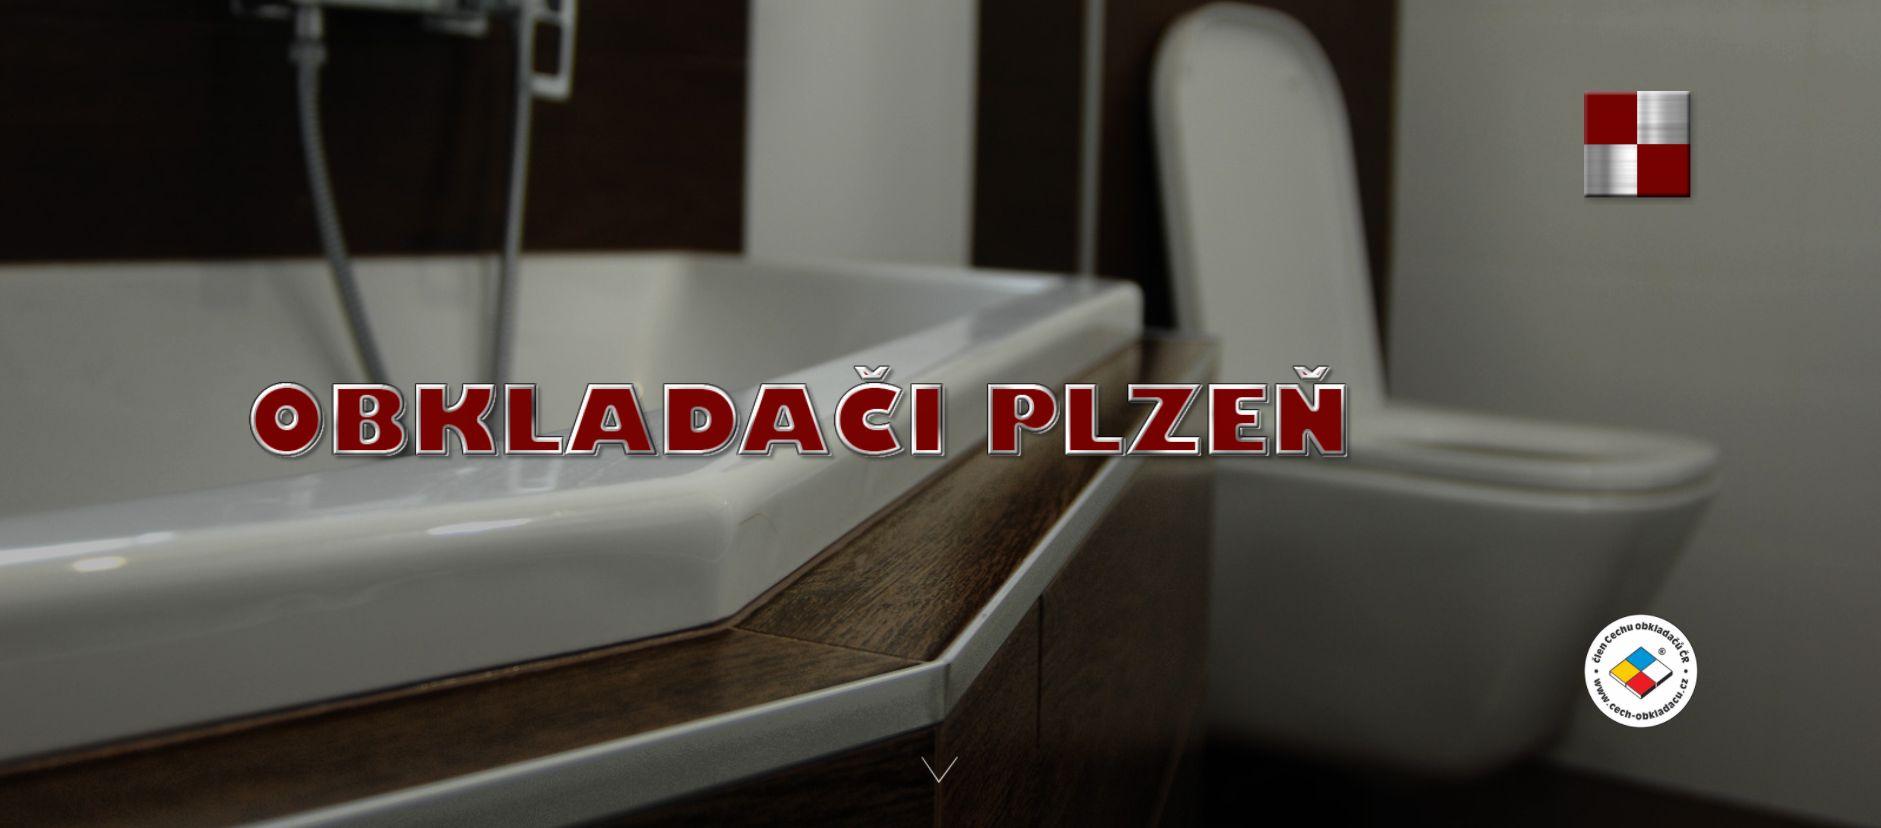 Obkladači Plzeň